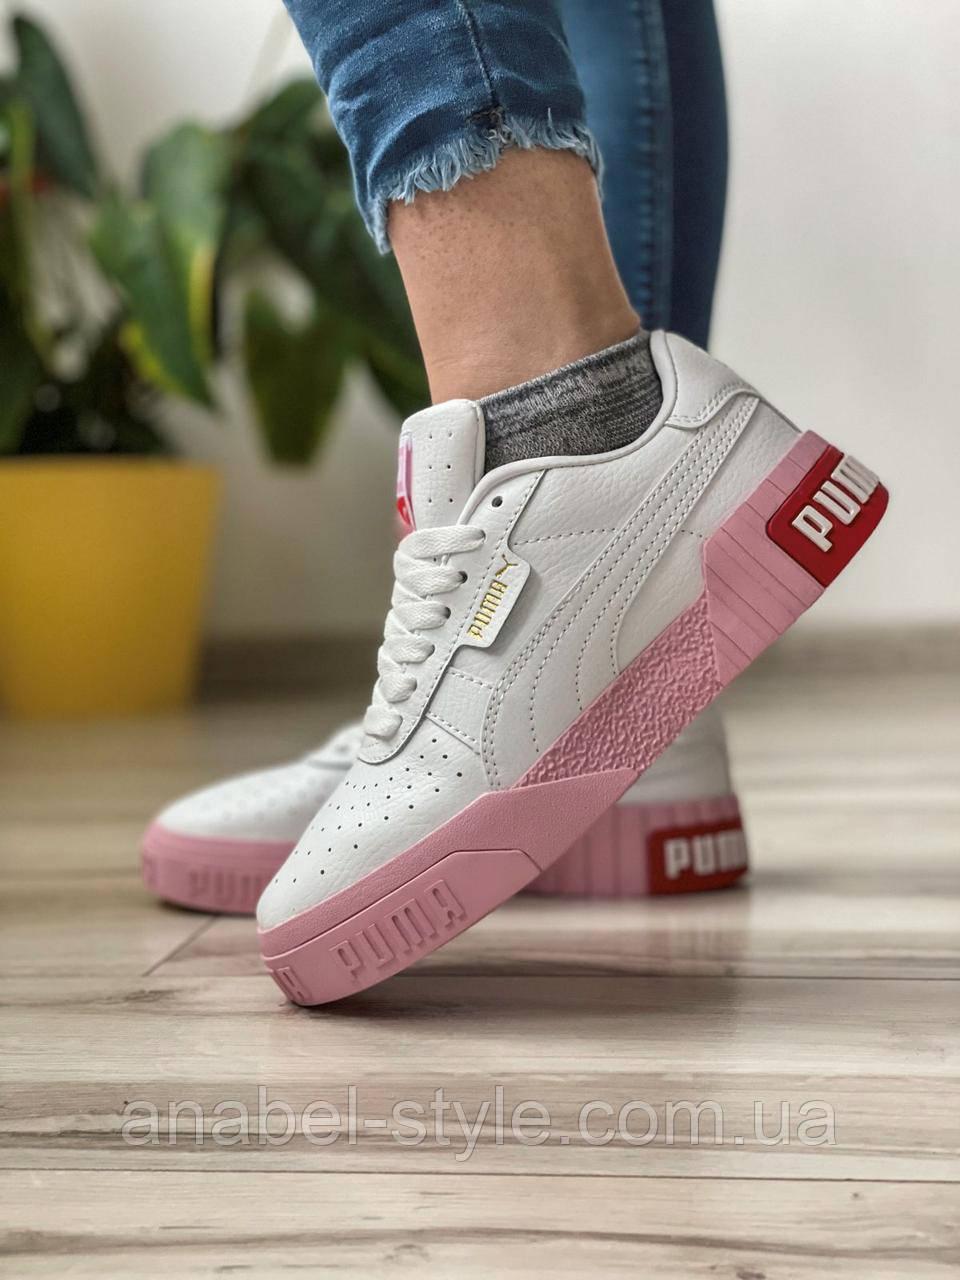 Кросівки жіночі 17991, Puma Cali Sport (TOP), білі, [ 36 37 38 39 ] р. 36-22,5 див.